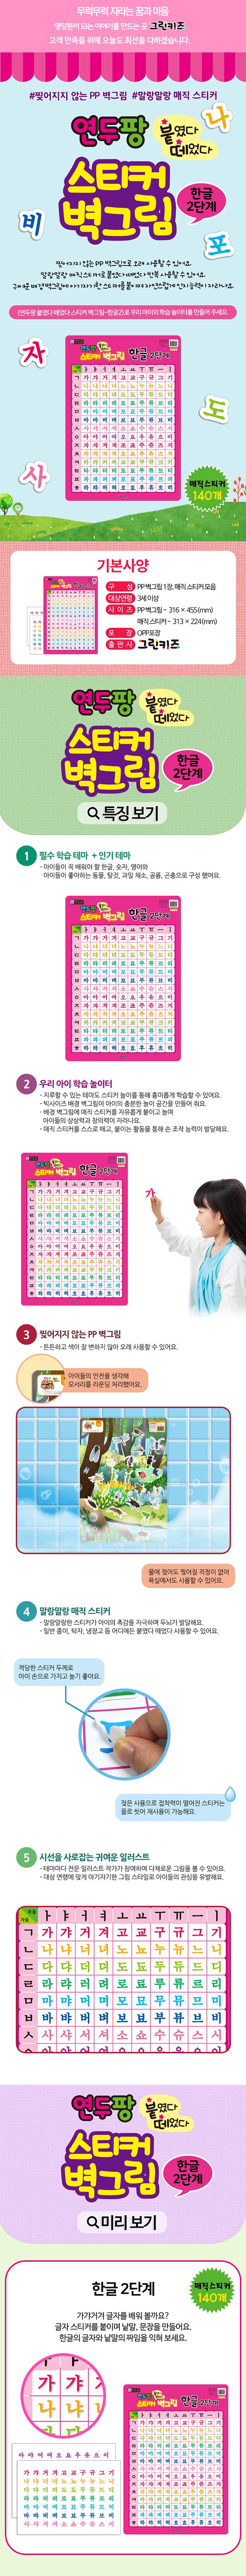 연두팡 붙였다 떼었다 스티커 벽그림 - 한글2단계 - 그린키즈, 8,800원, 학습/아동, 아동/유아서적